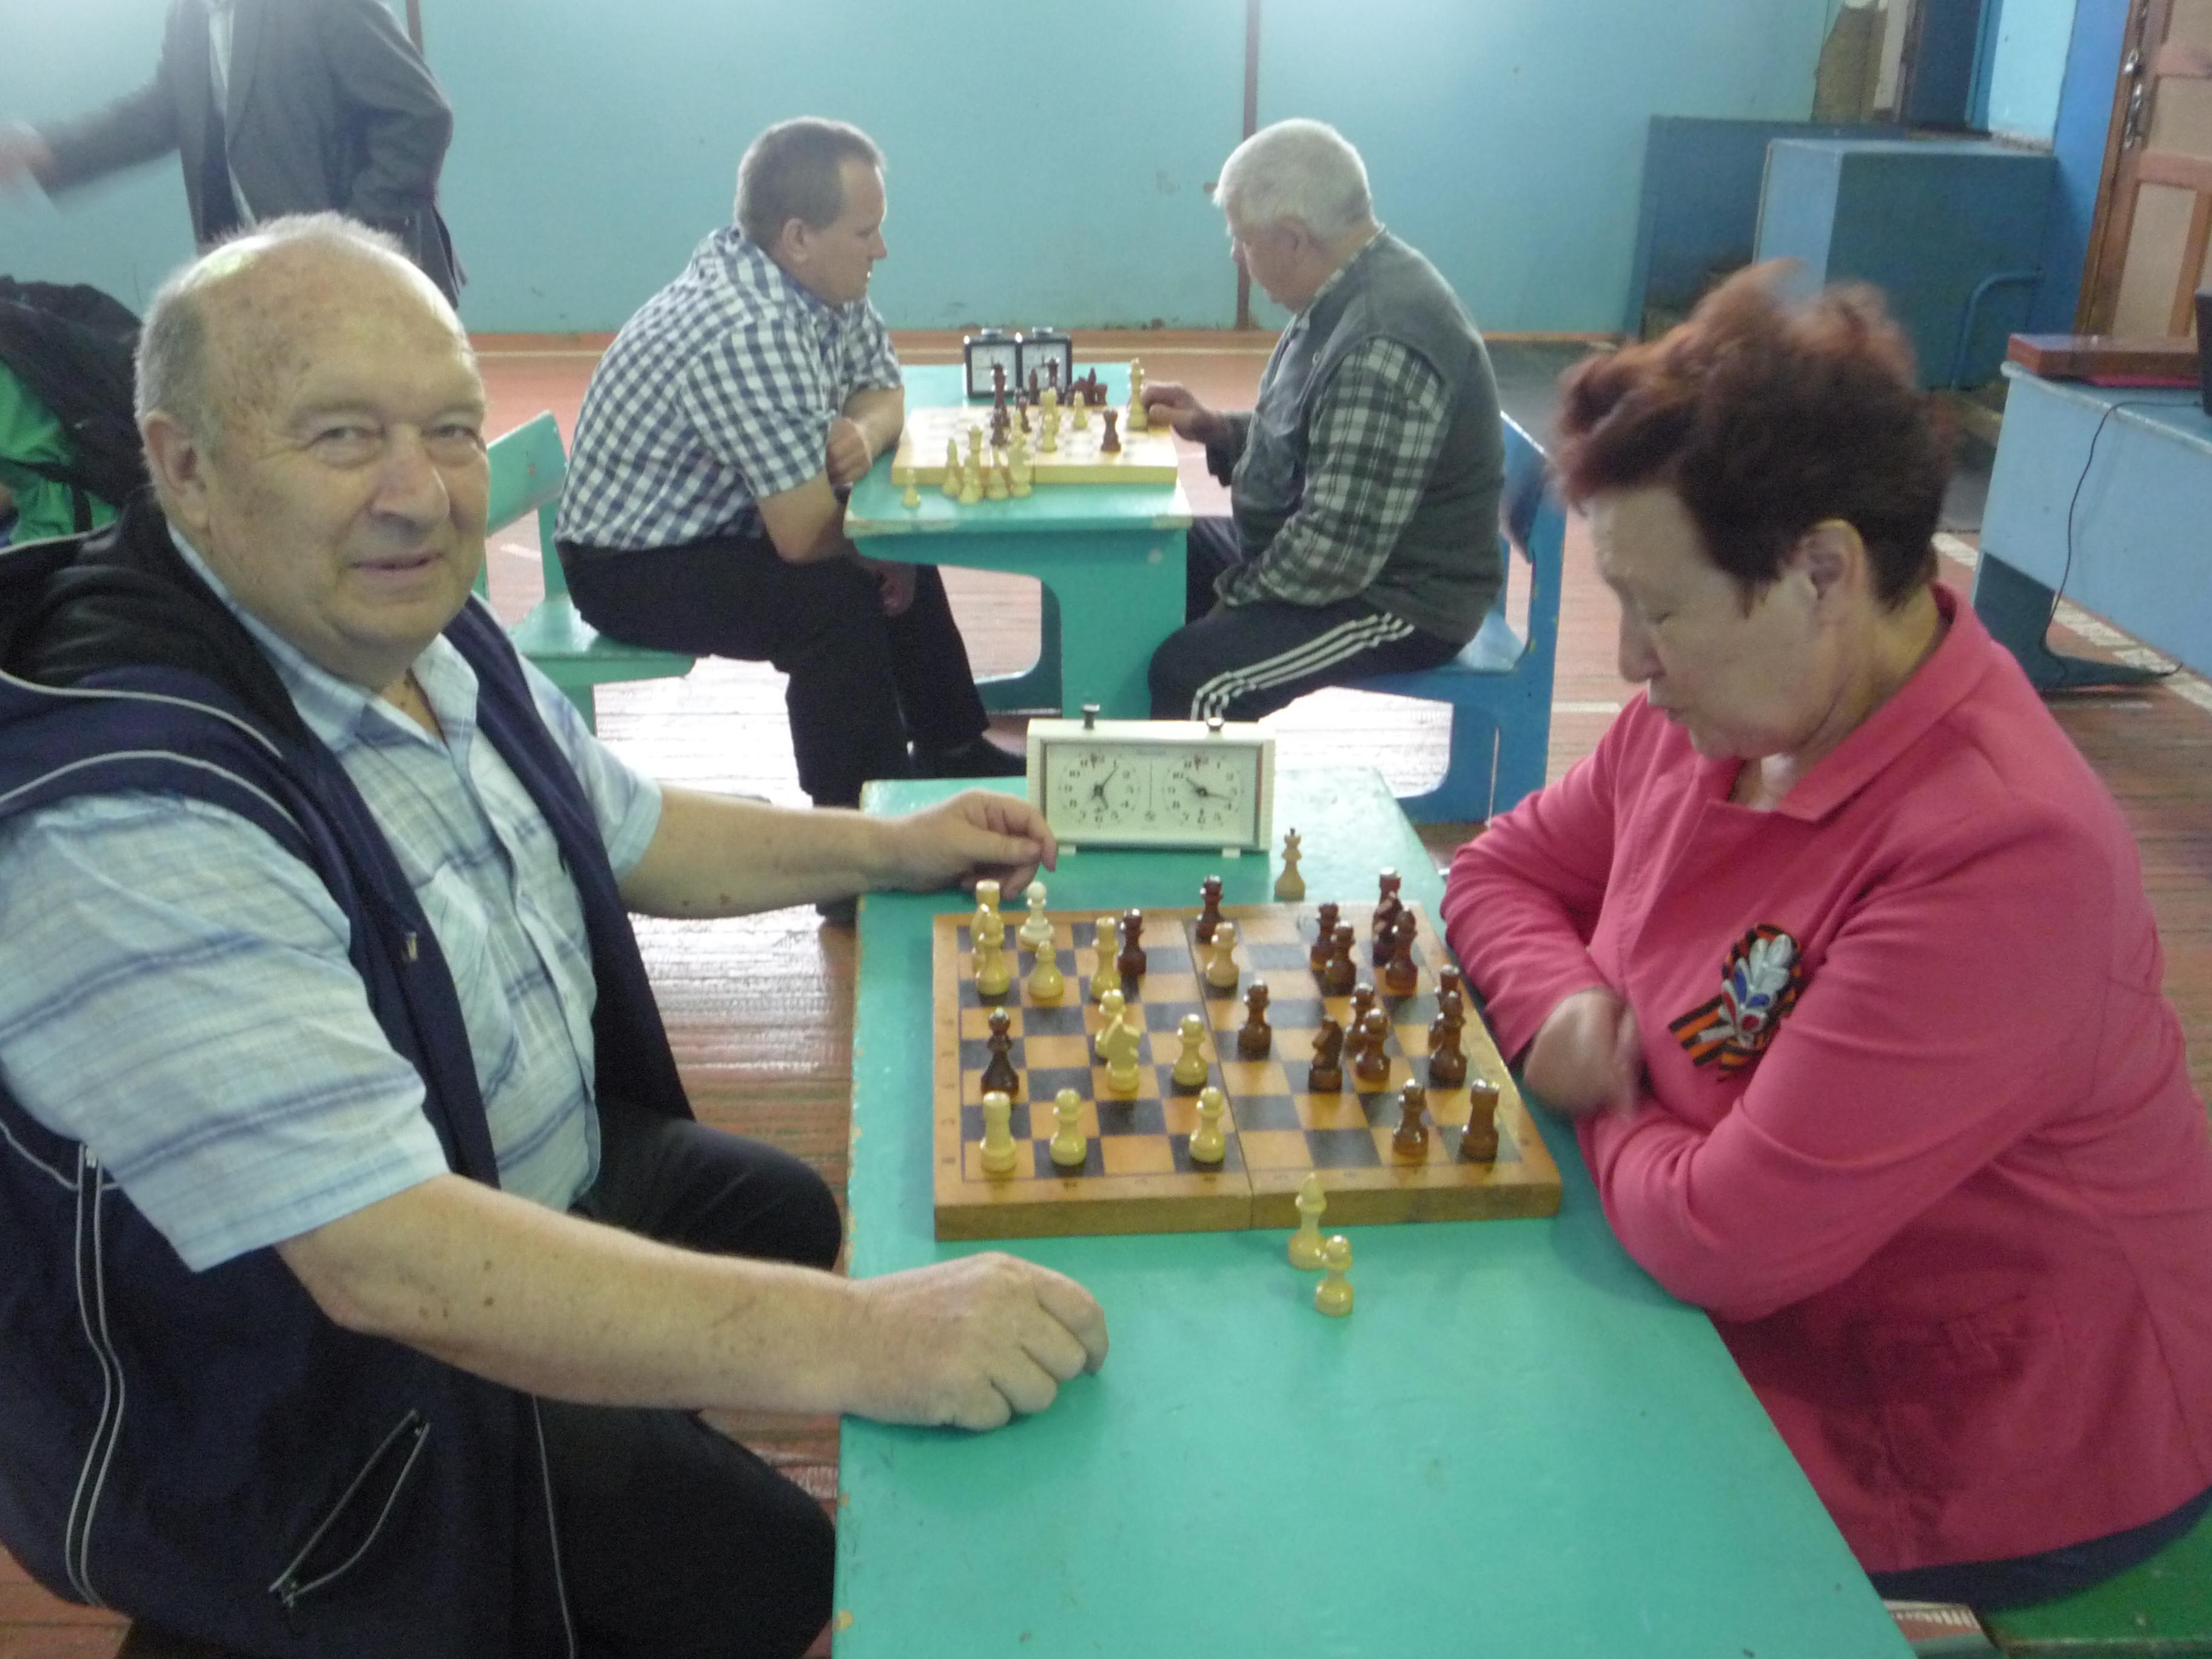 Изображение из альбома Районные соревнования по шахматам в рамках празднования 74й годовщины Великой Победы